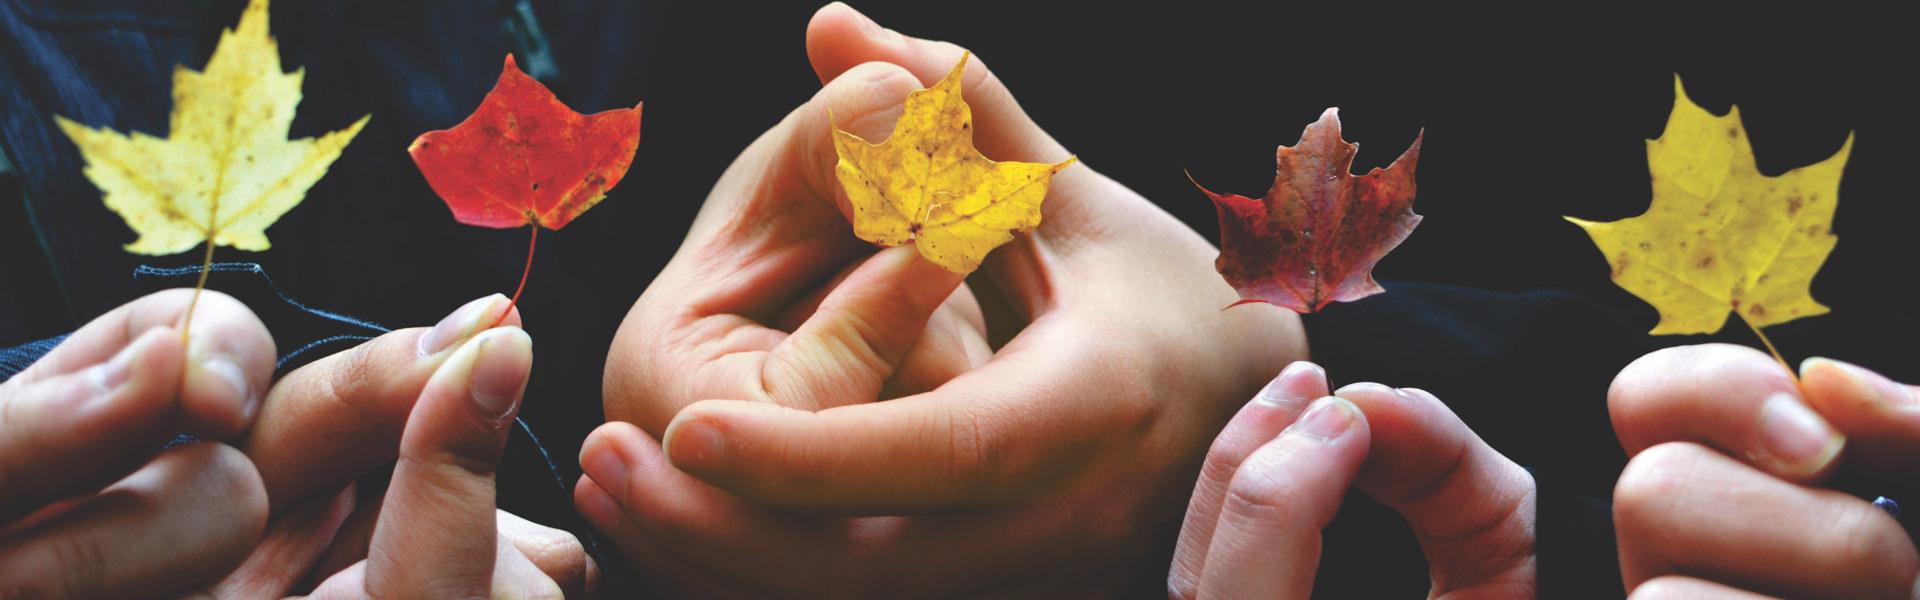 Mains d'enfants tenant des feuilles d'érable jaunes et rouges - bannière pour Jeunesse